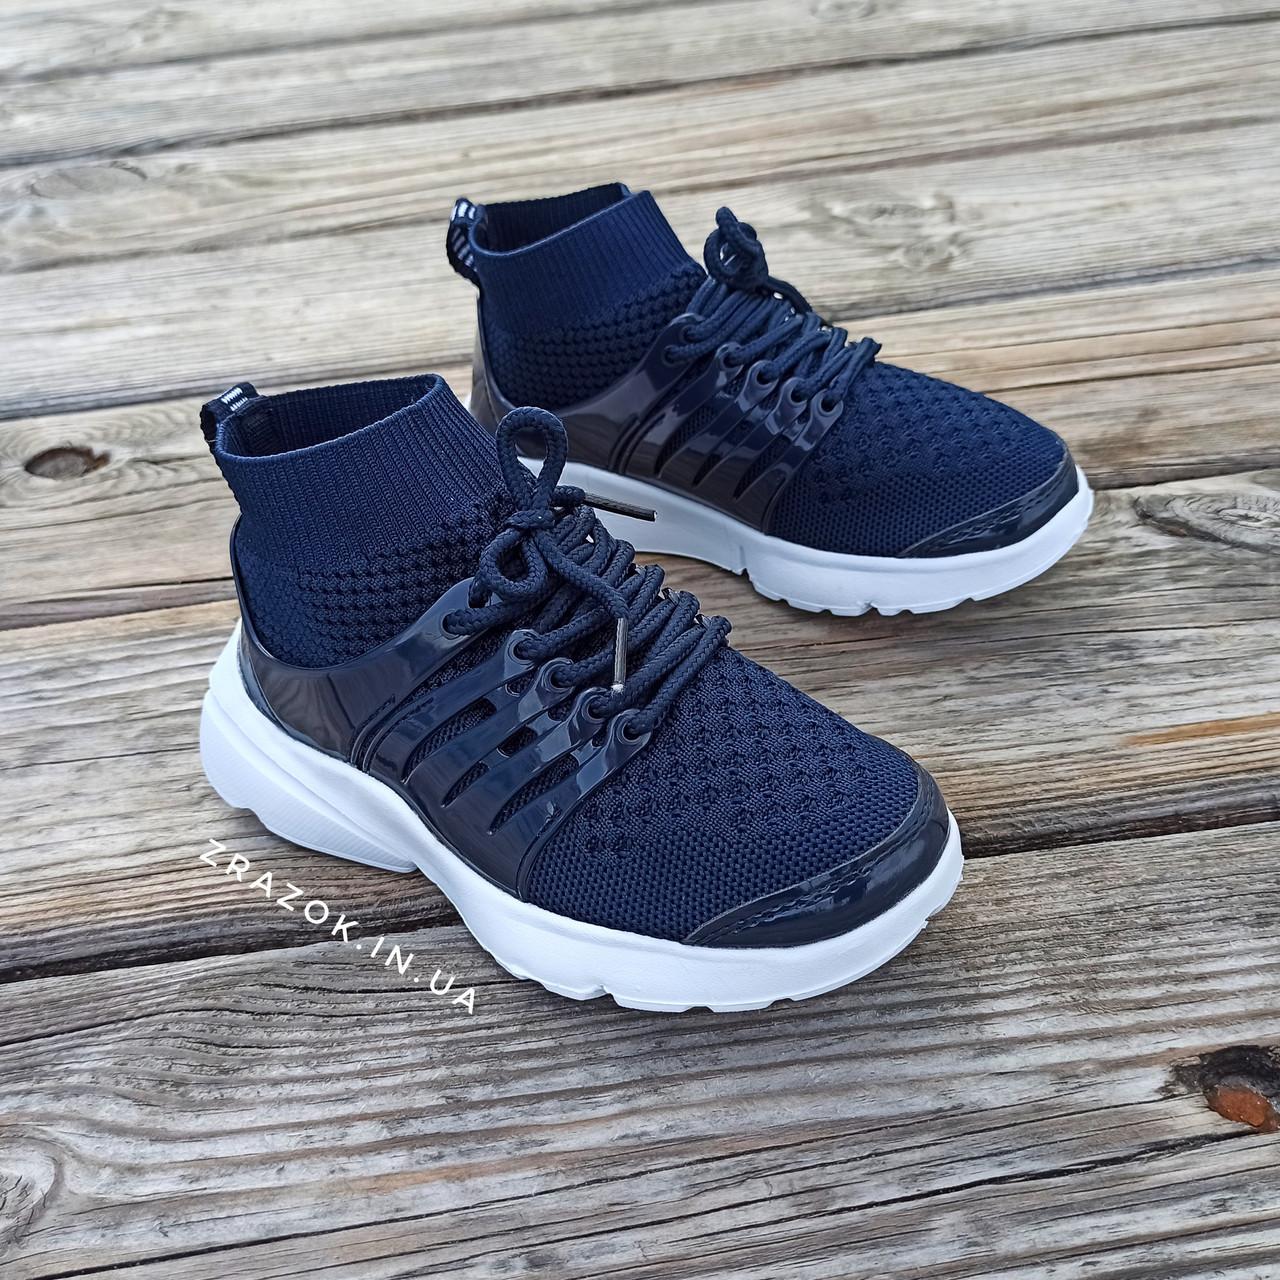 Темно-сині шкарпетки дитячі кросівки на шнурках літні сітка текстиль nike air presto дитячі літні кросівки